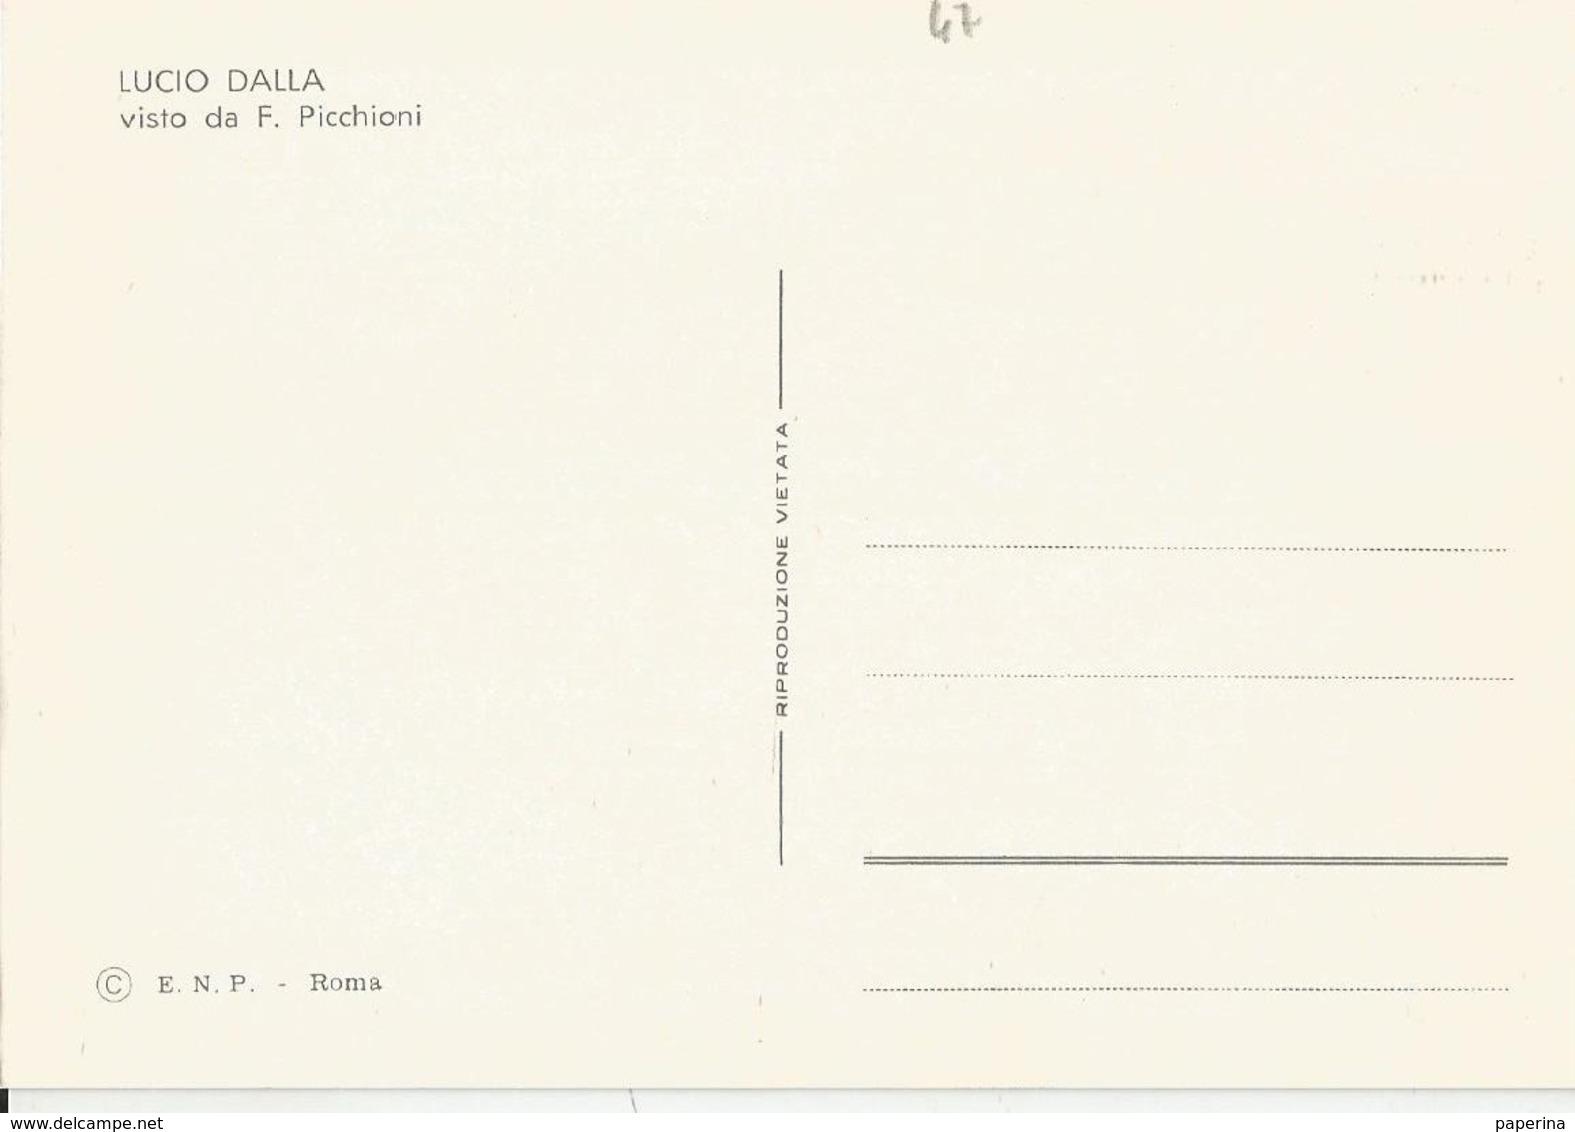 CART. DISEGNATA DA PICCHIONI I BIG DELLA CANZONE  LUCIO DALLA   (47) - Cantanti E Musicisti